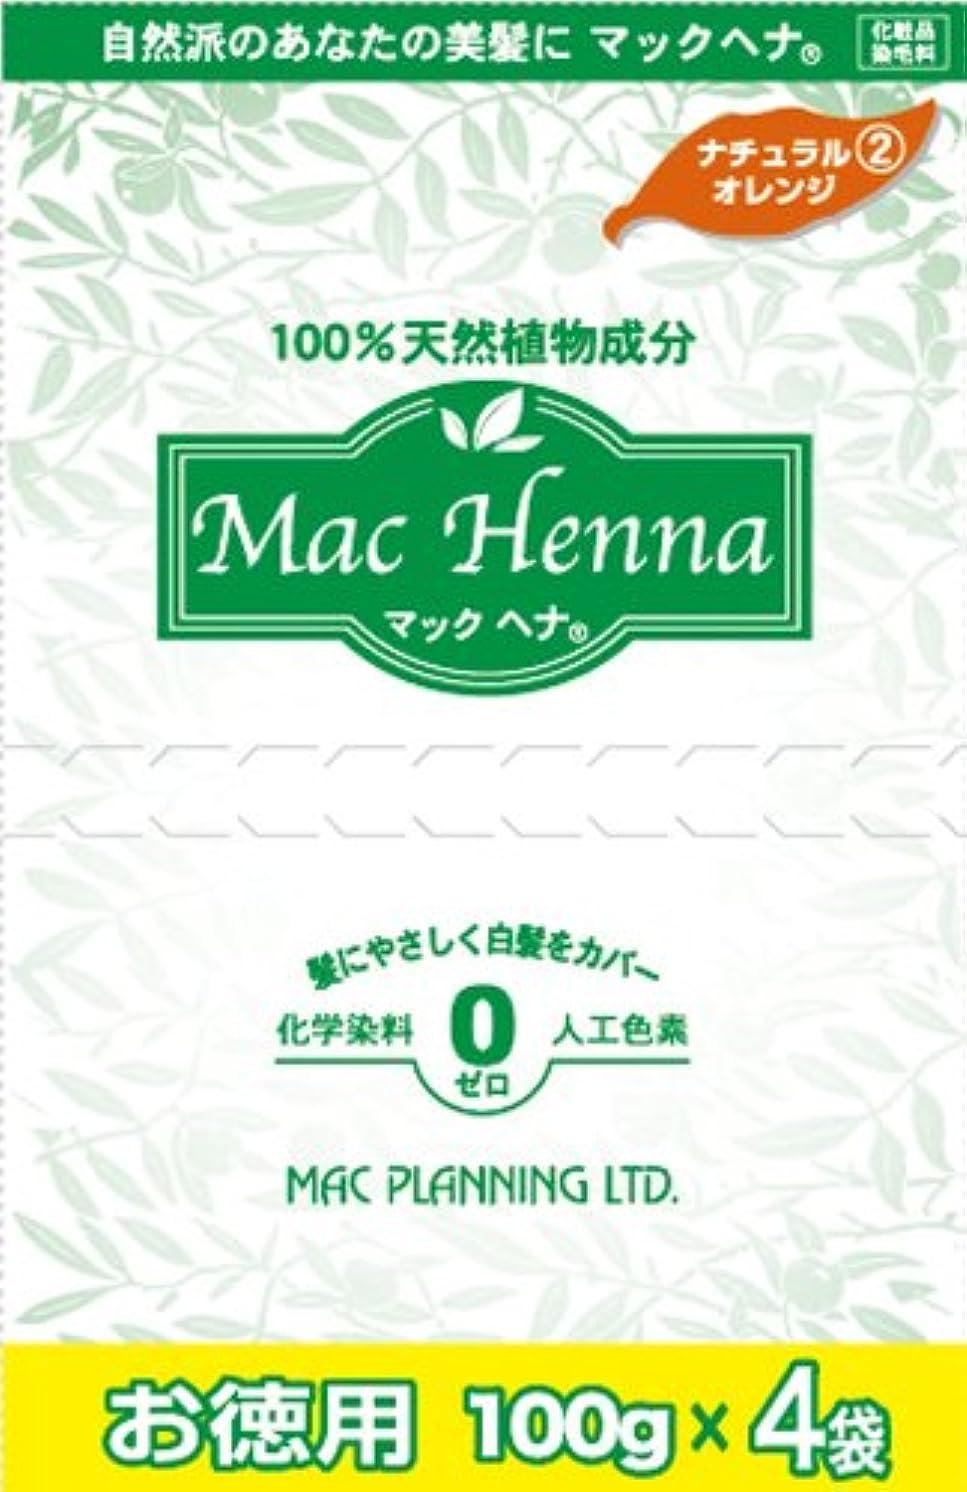 トランクライブラリ解任残る天然植物原料100% 無添加 マックヘナ お徳用(ナチュラルオレンジ)-2  400g(100g×4袋) 2箱セット